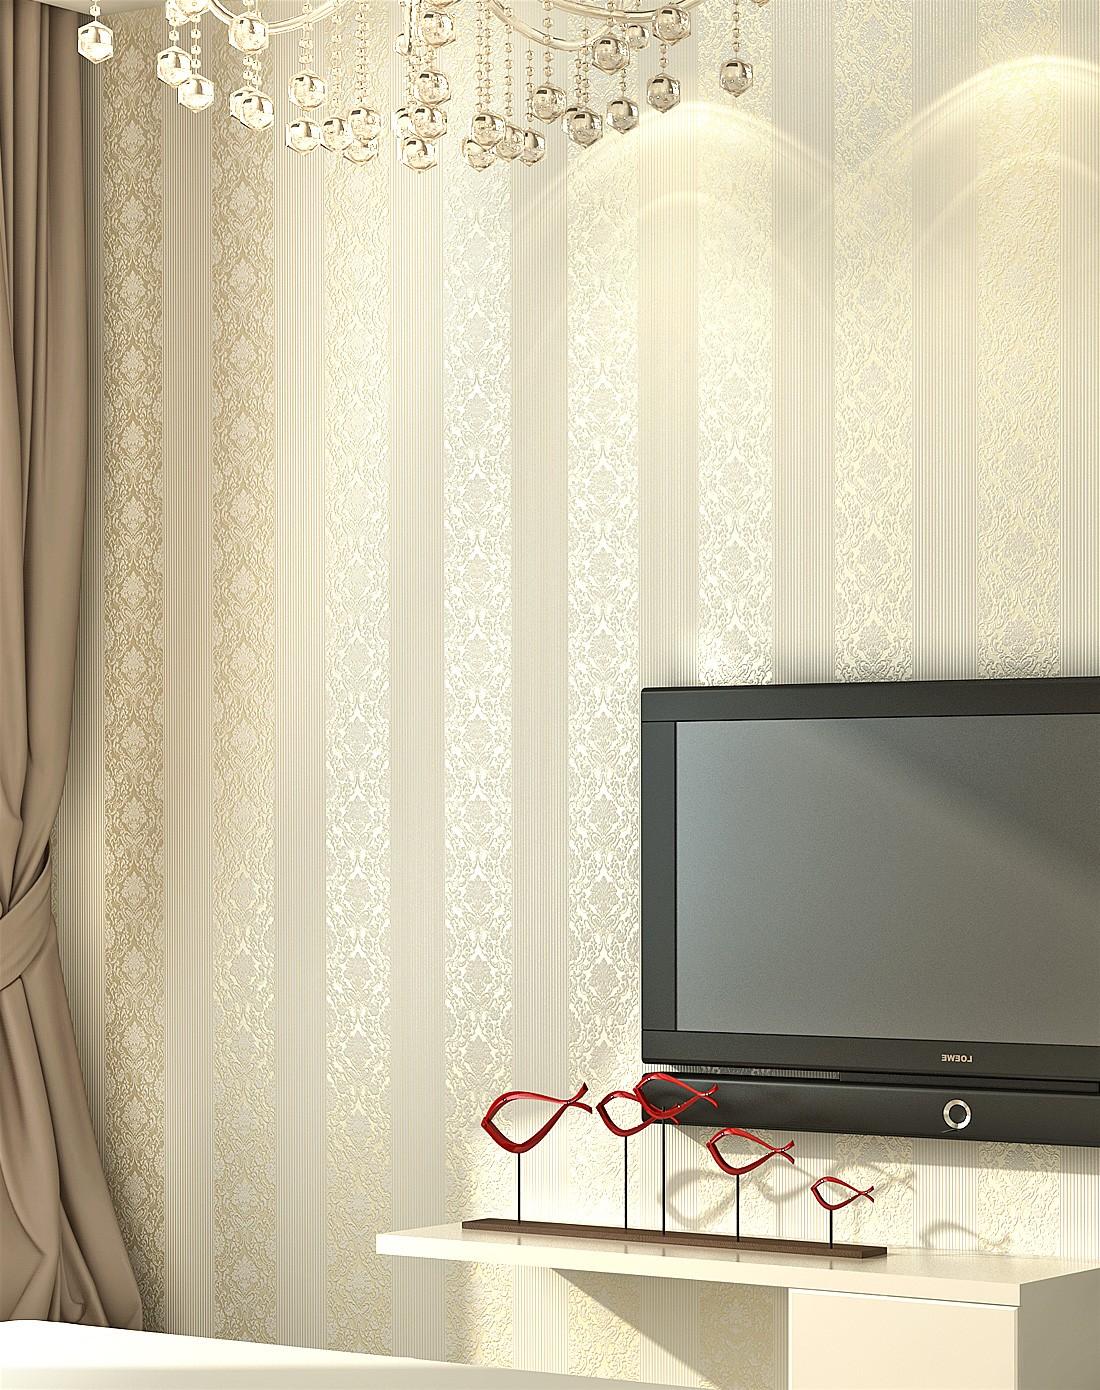 浅黄色欧式简约卧室客厅无纺布墙纸